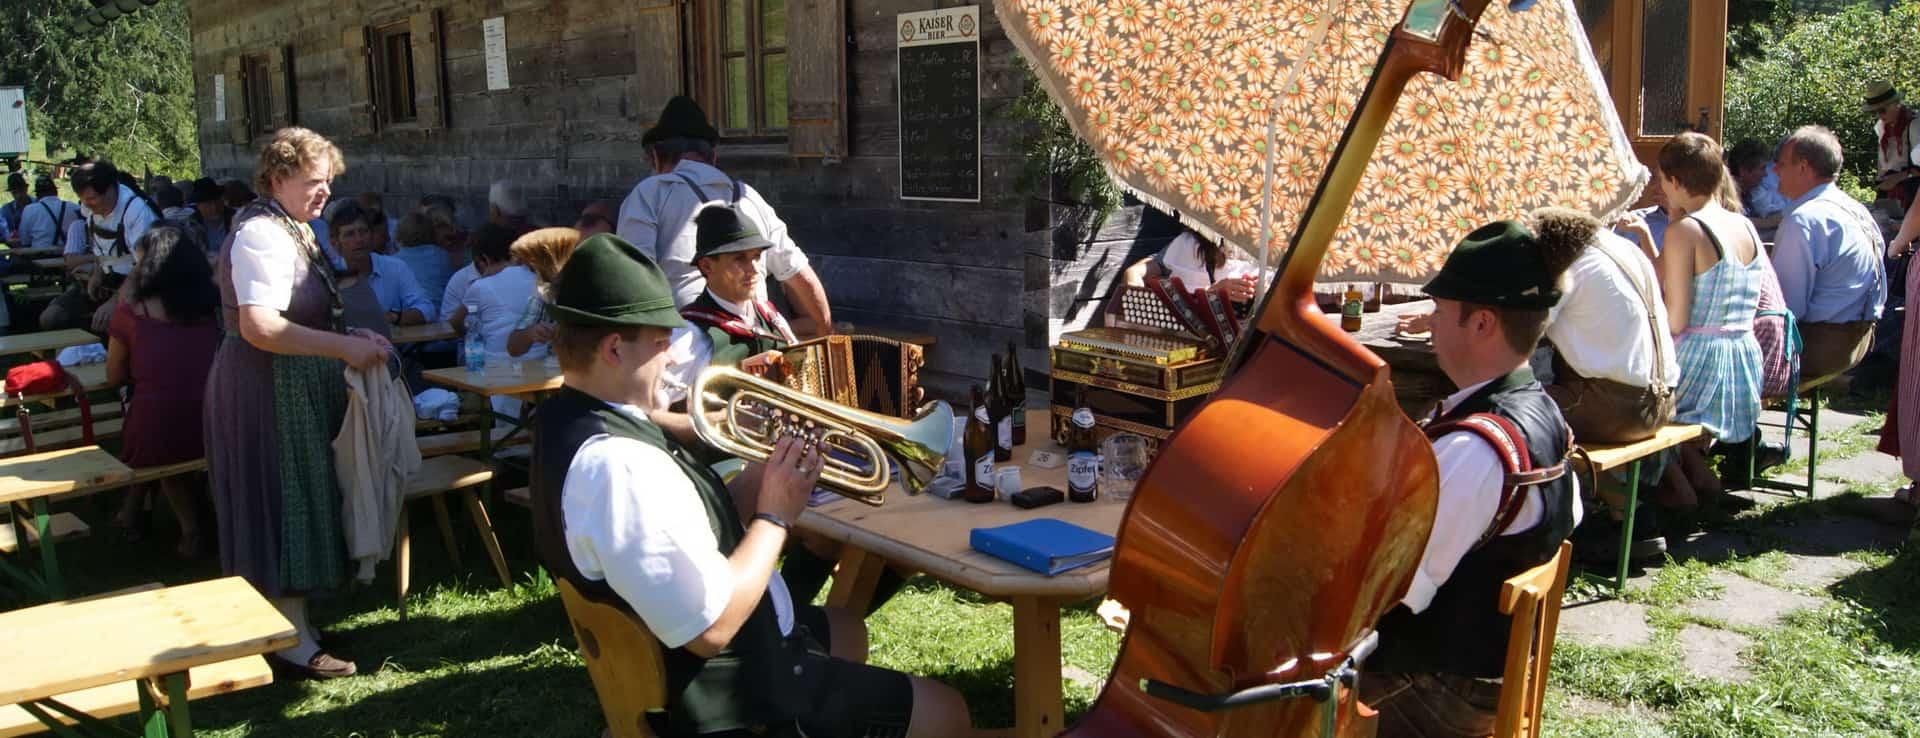 Almfest på Rettenbachalm i Salzkammergut - Semester i Österrike med Austria Travel